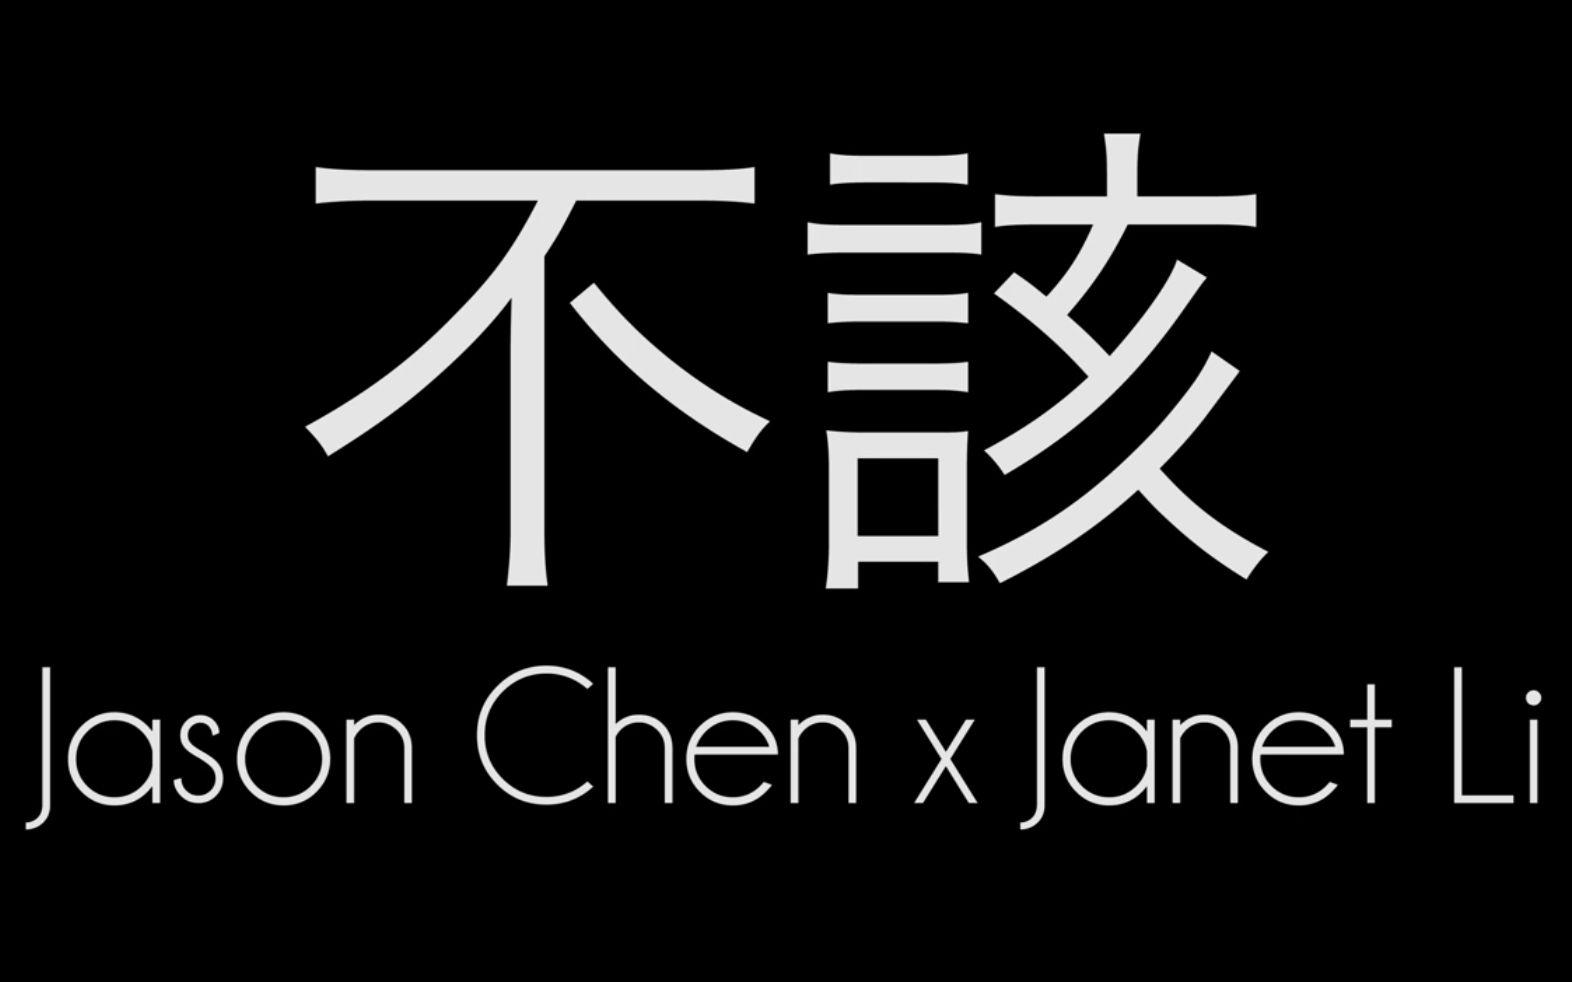 【爆好听翻唱】周杰伦&张惠妹《不该》cover by jason chen x janet图片